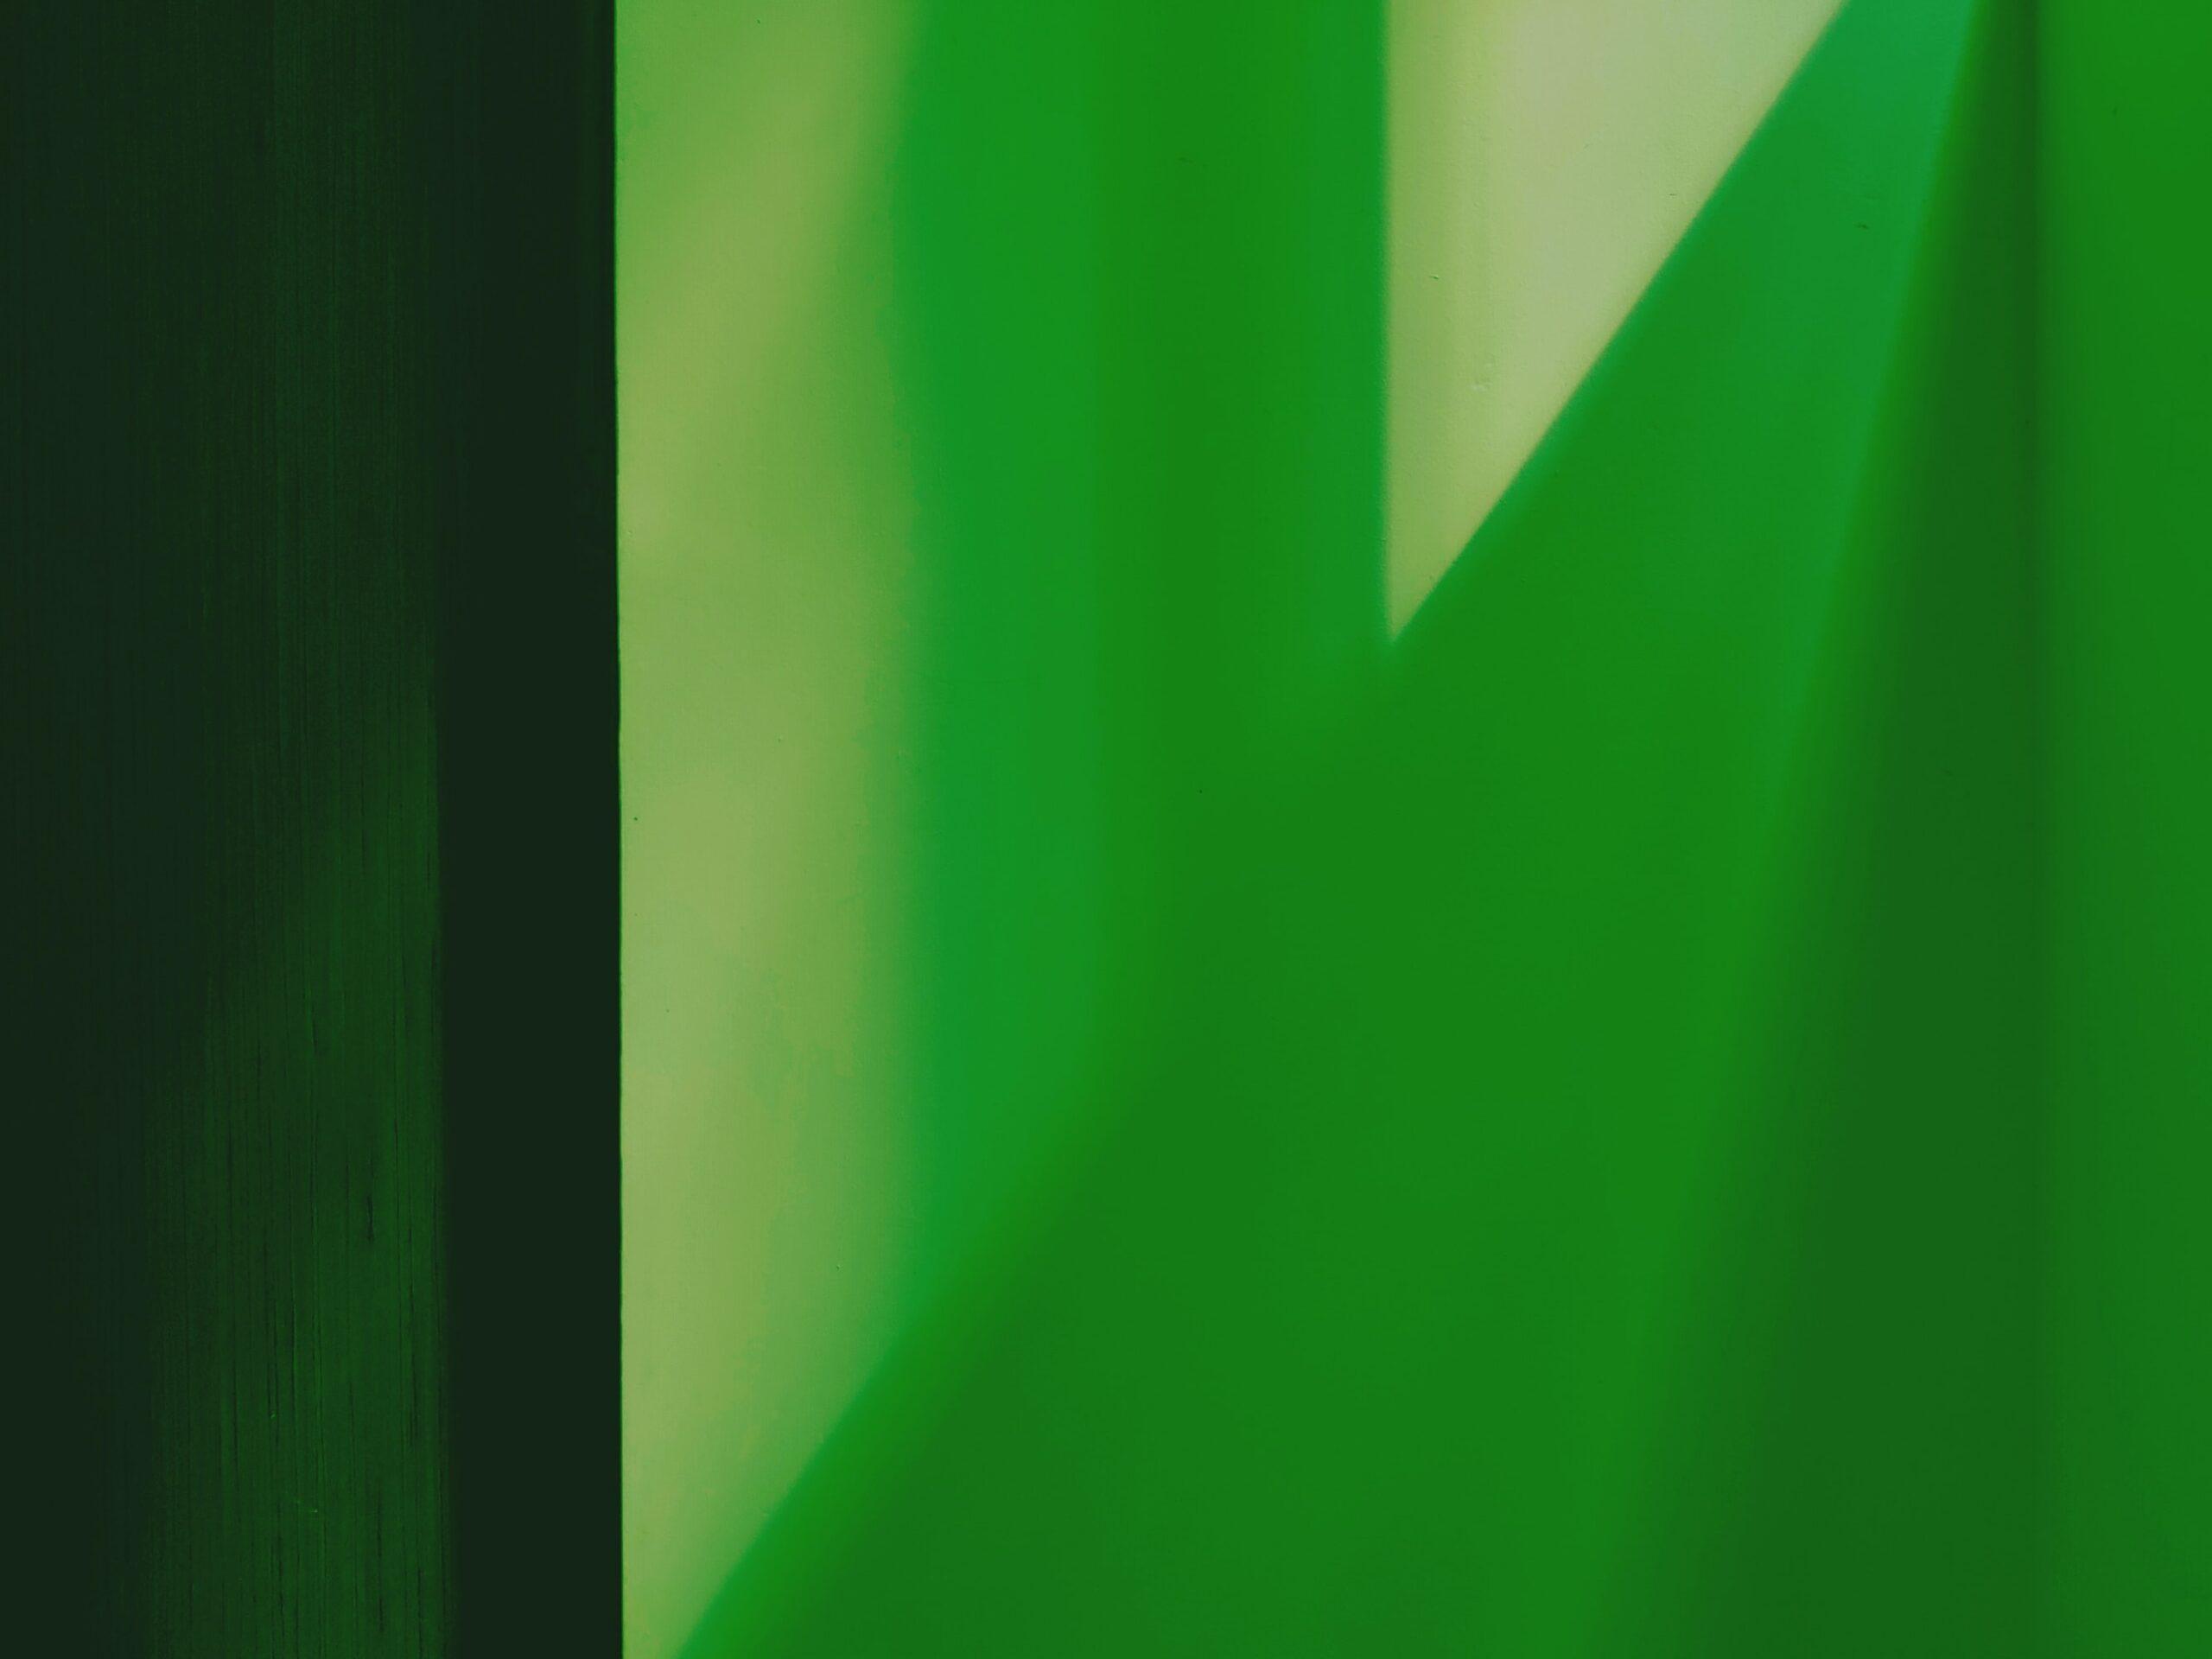 休憩スペース用の照明の選び方②色光がグリーンの場